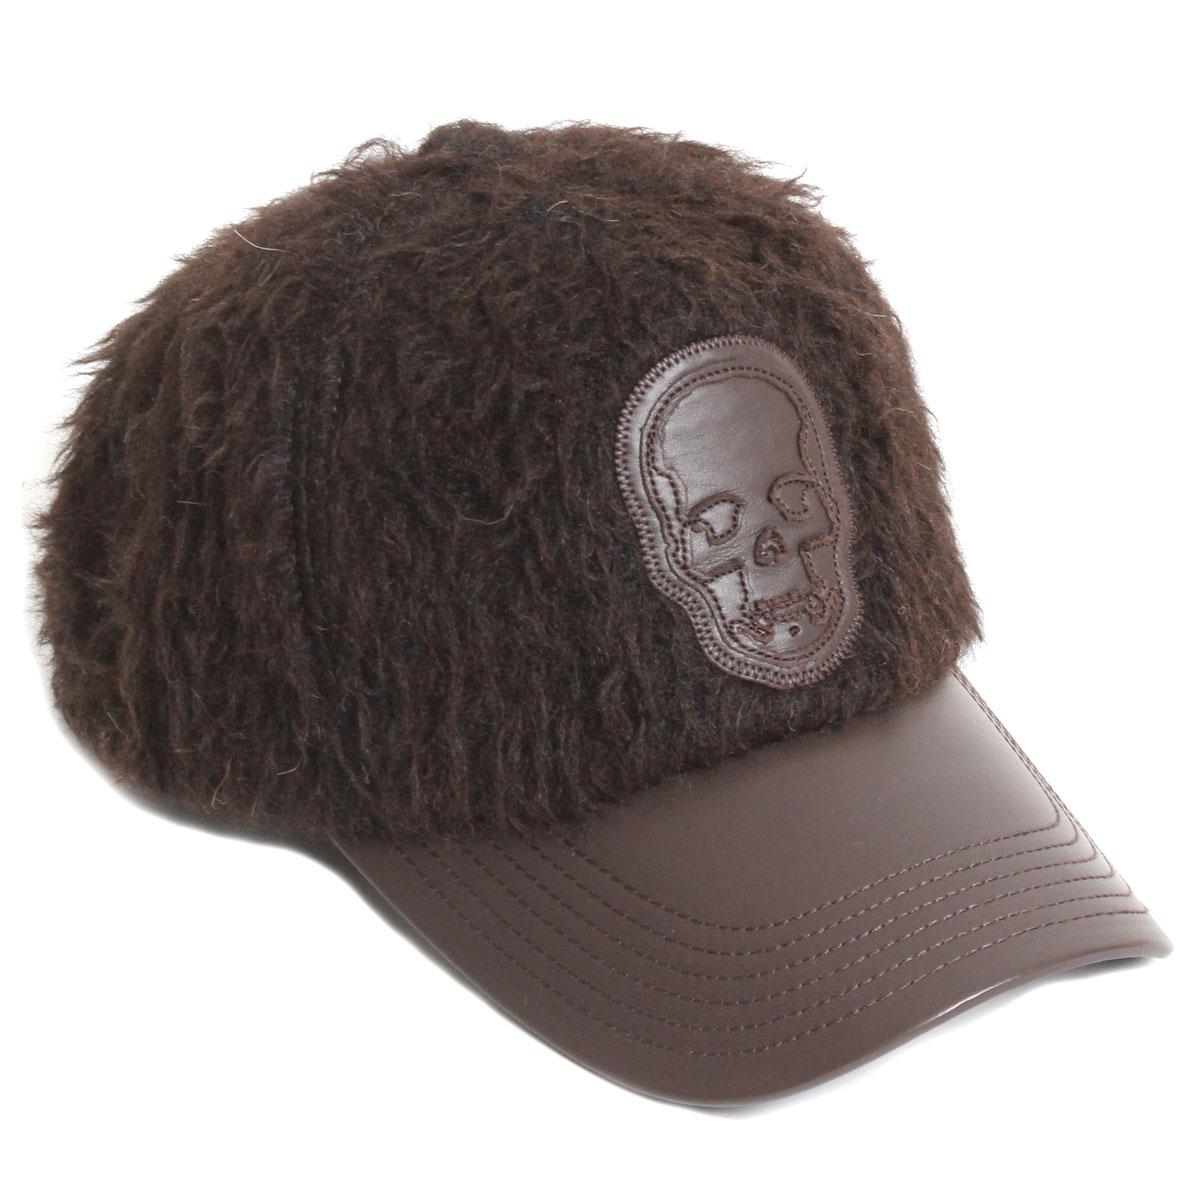 【送料無料】lucien pellat-finet ルシアンペラフィネ メンズ キャップ 帽子 CAP78 アルパカファー D.BROWN ダークブラウン スカル